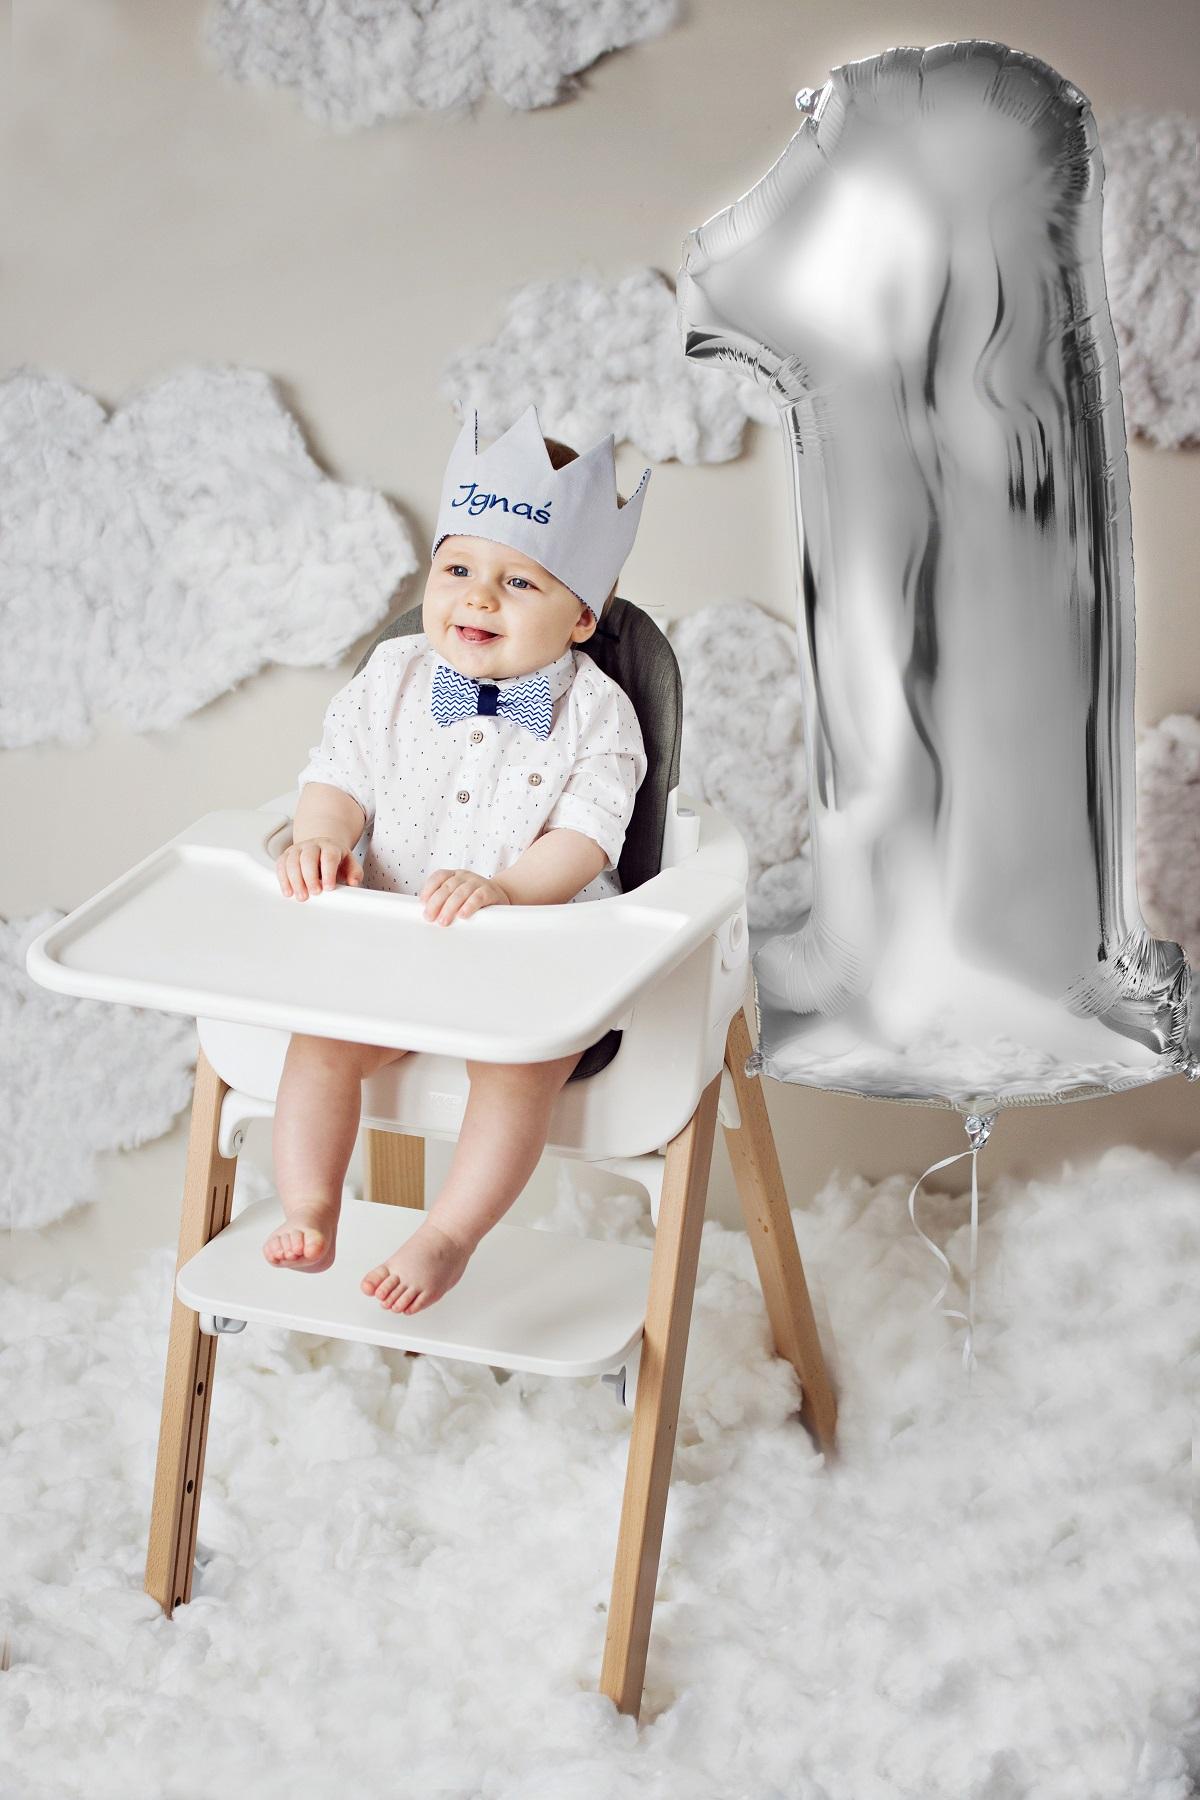 krzesło dla niemowlęcia